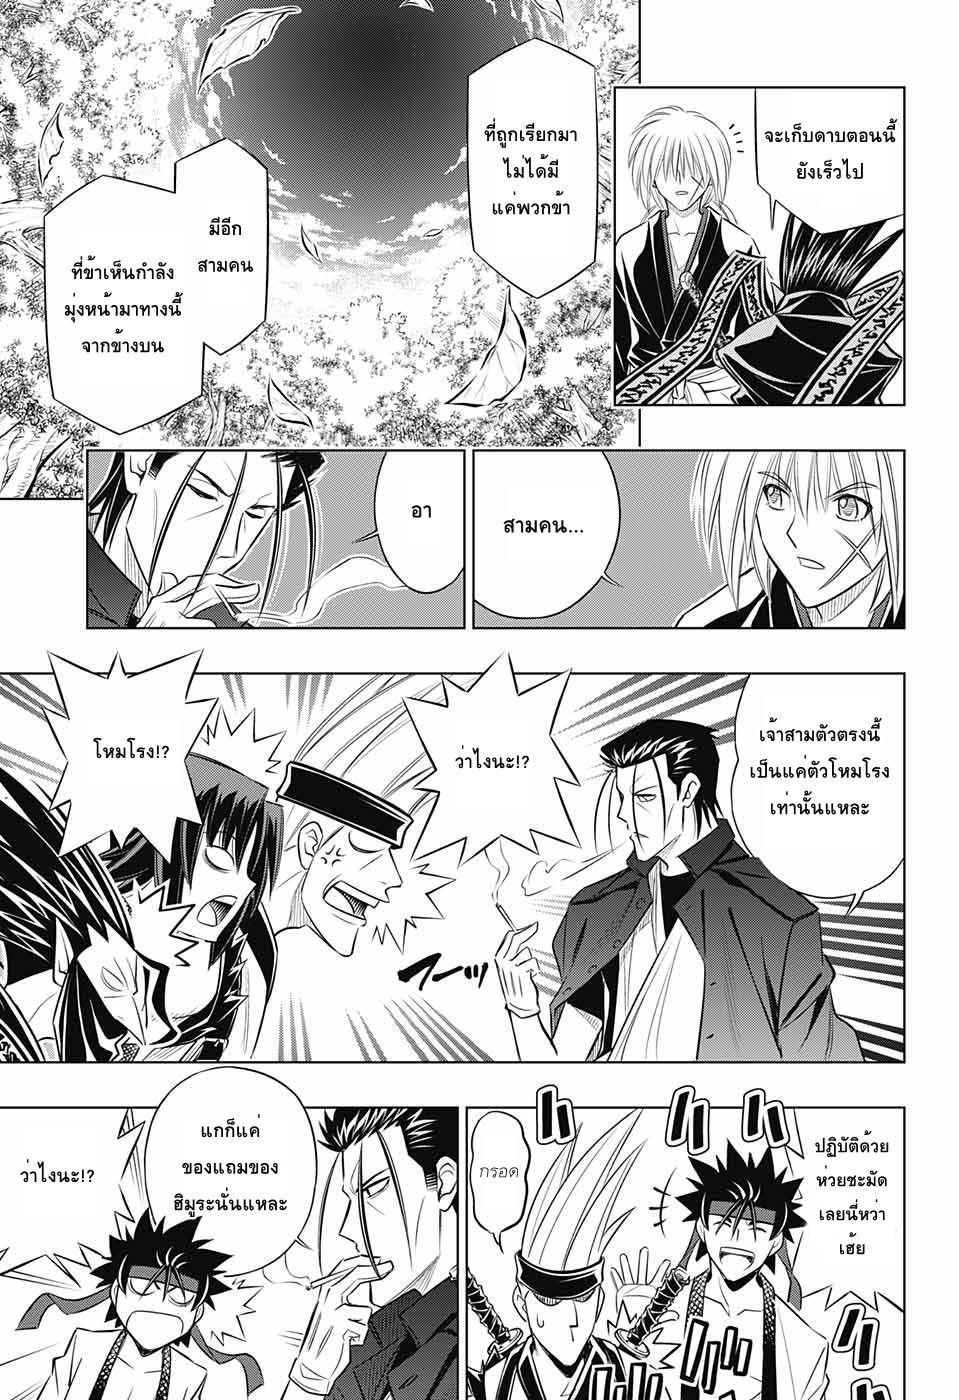 อ่านการ์ตูน Rurouni Kenshin: Hokkaido Arc ตอนที่ 14 หน้าที่ 13